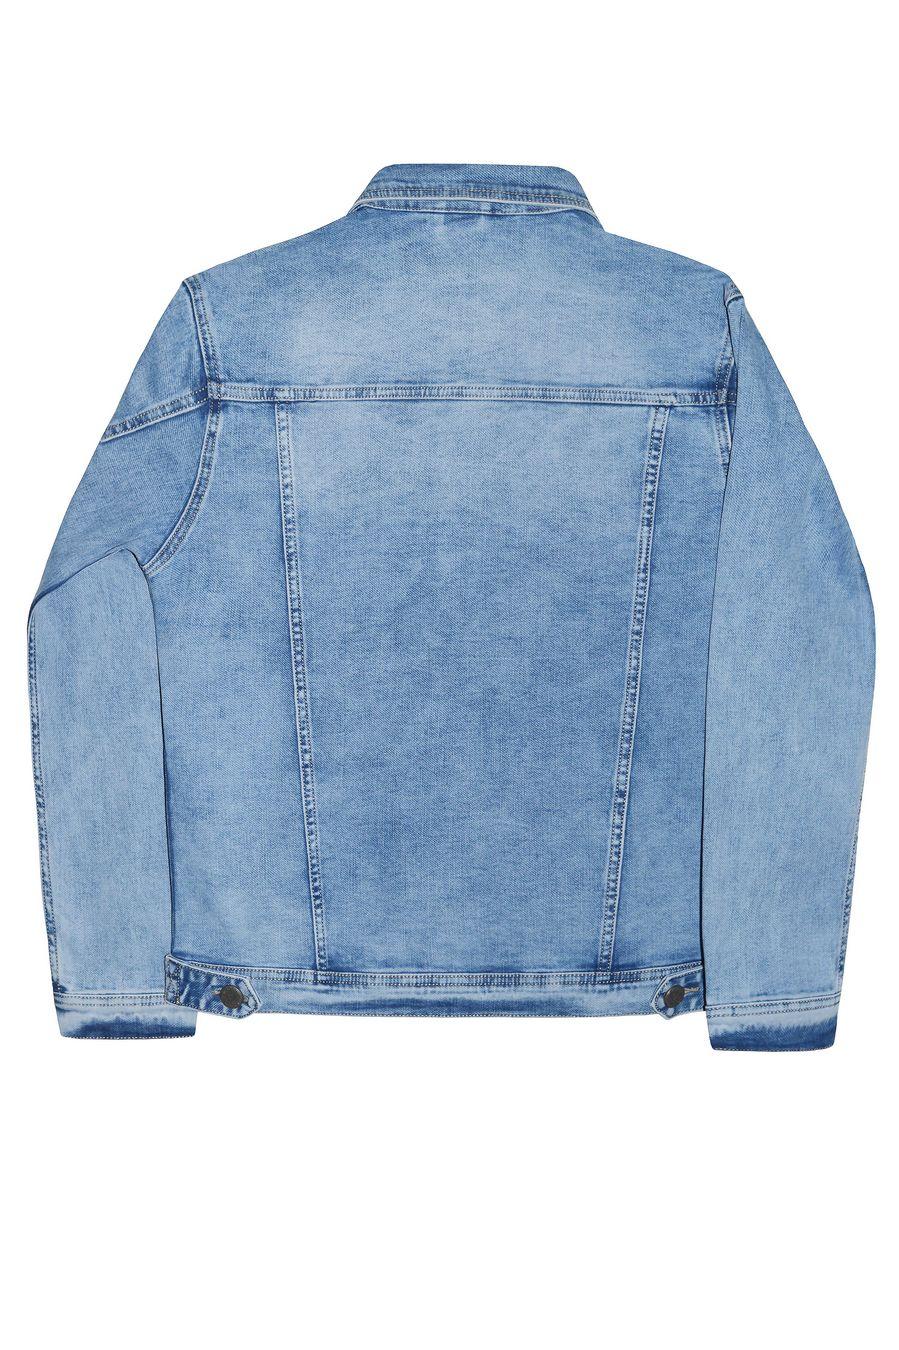 Пиджак мужской (джинсовка) Longli C021 - фото 2